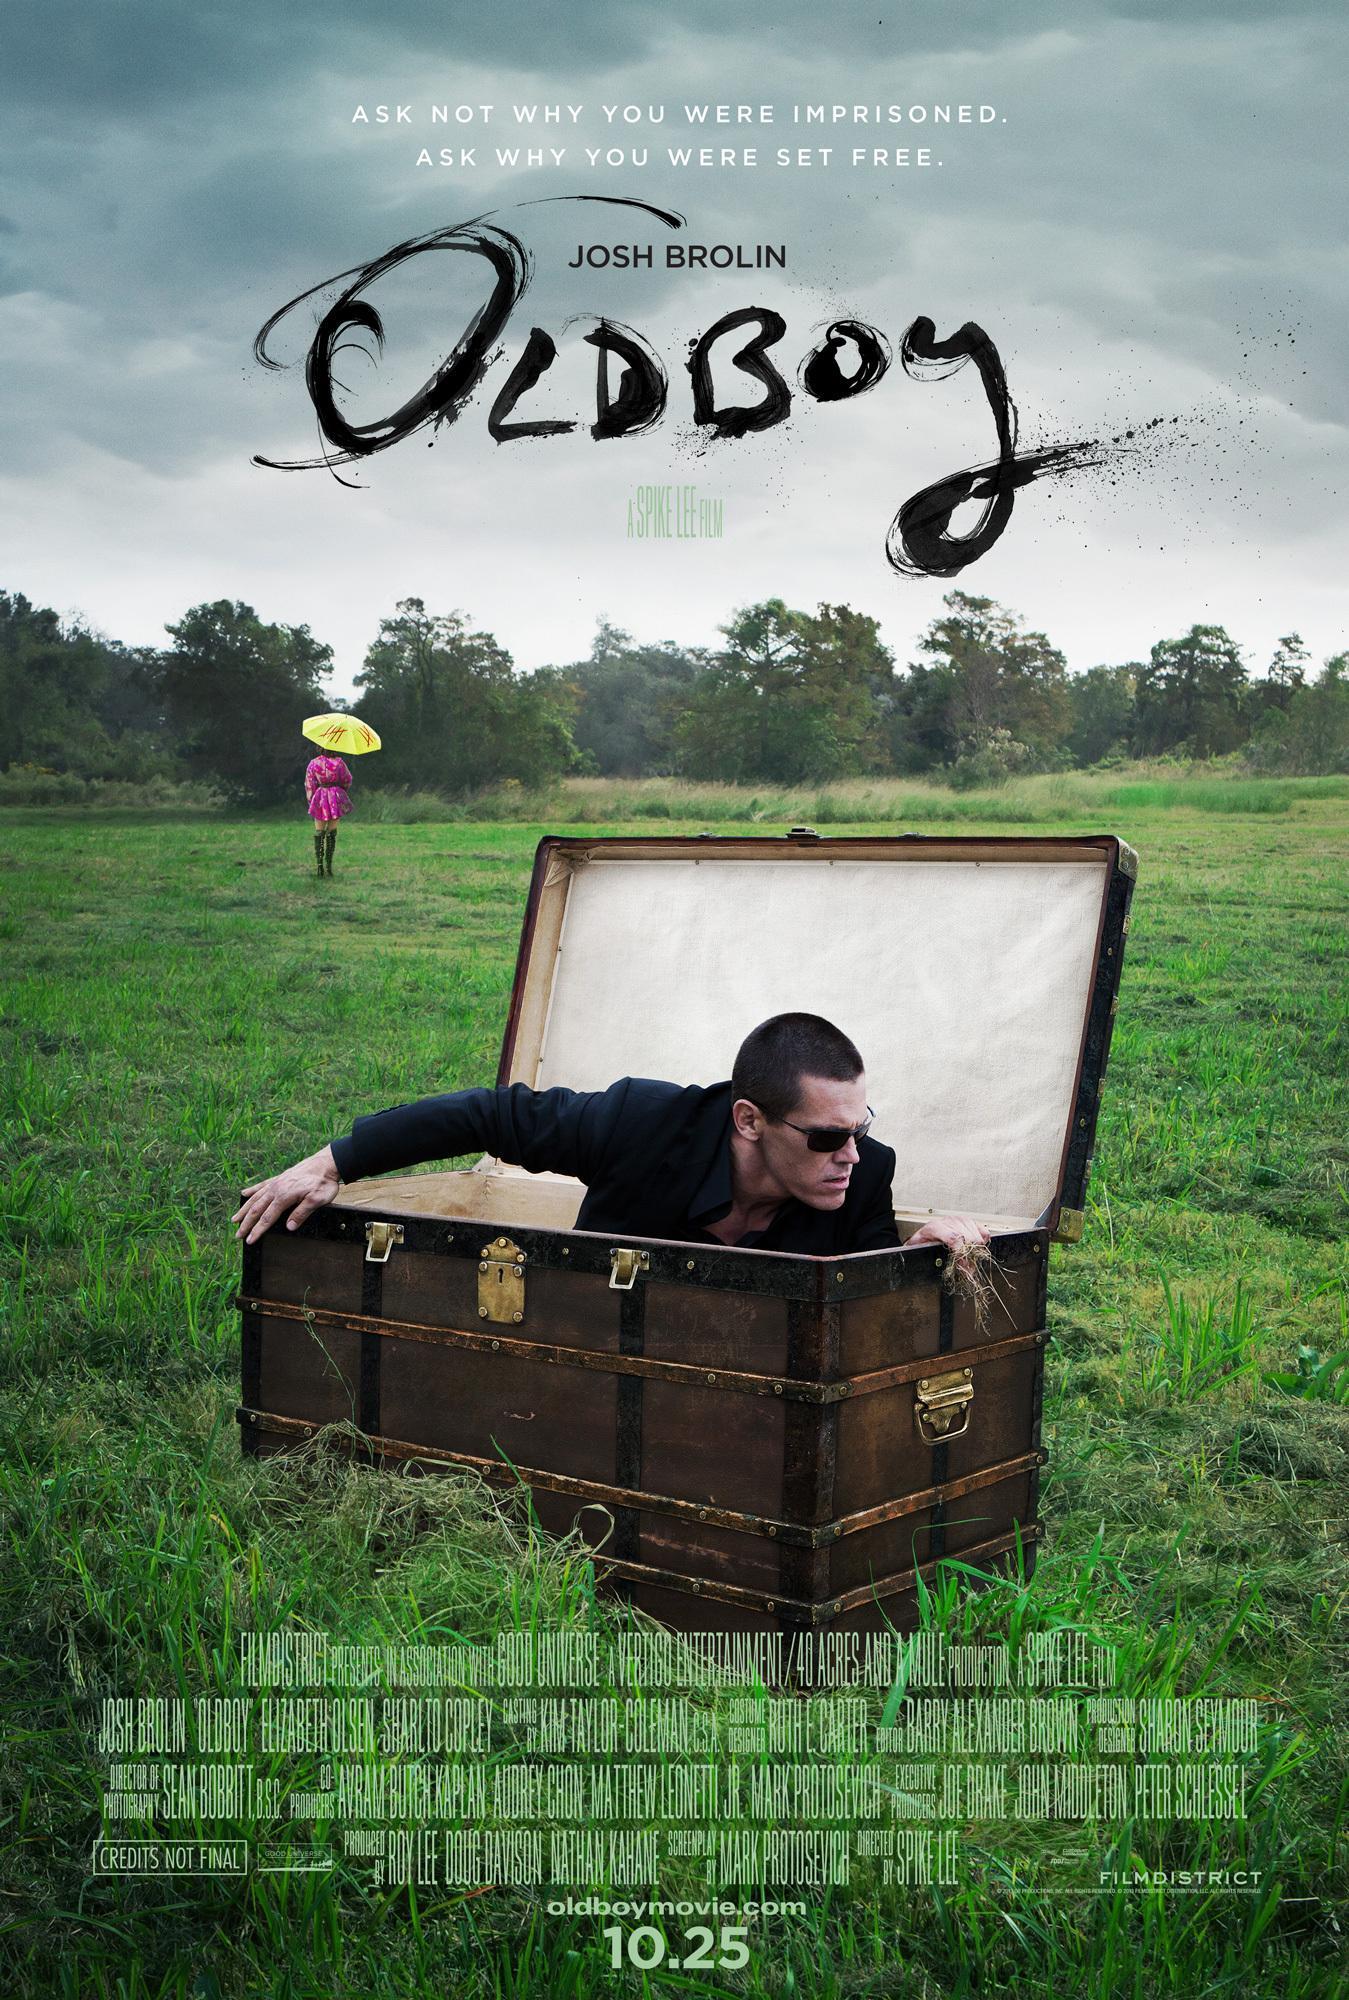 美版《老男孩》(Oldboy)海报再现经典场景 布洛林手书片名